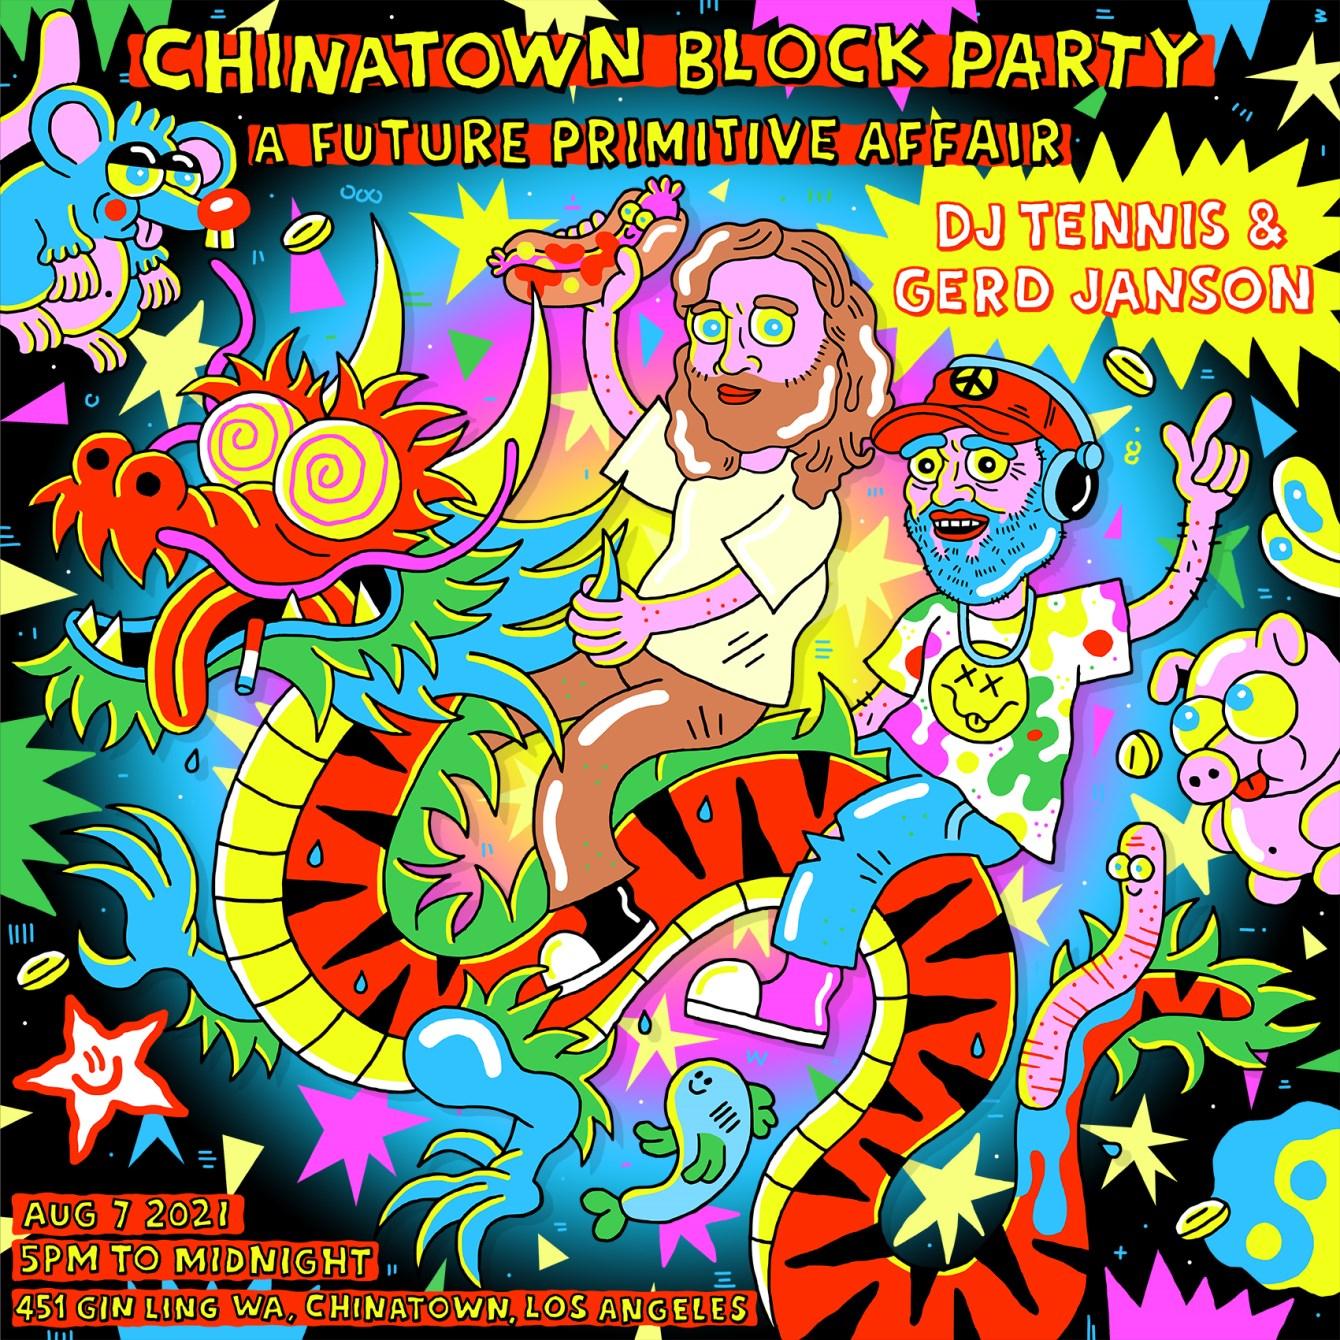 DJ Tennis and Gerd Janson Block Party: A Future Primitive Affair - Flyer front